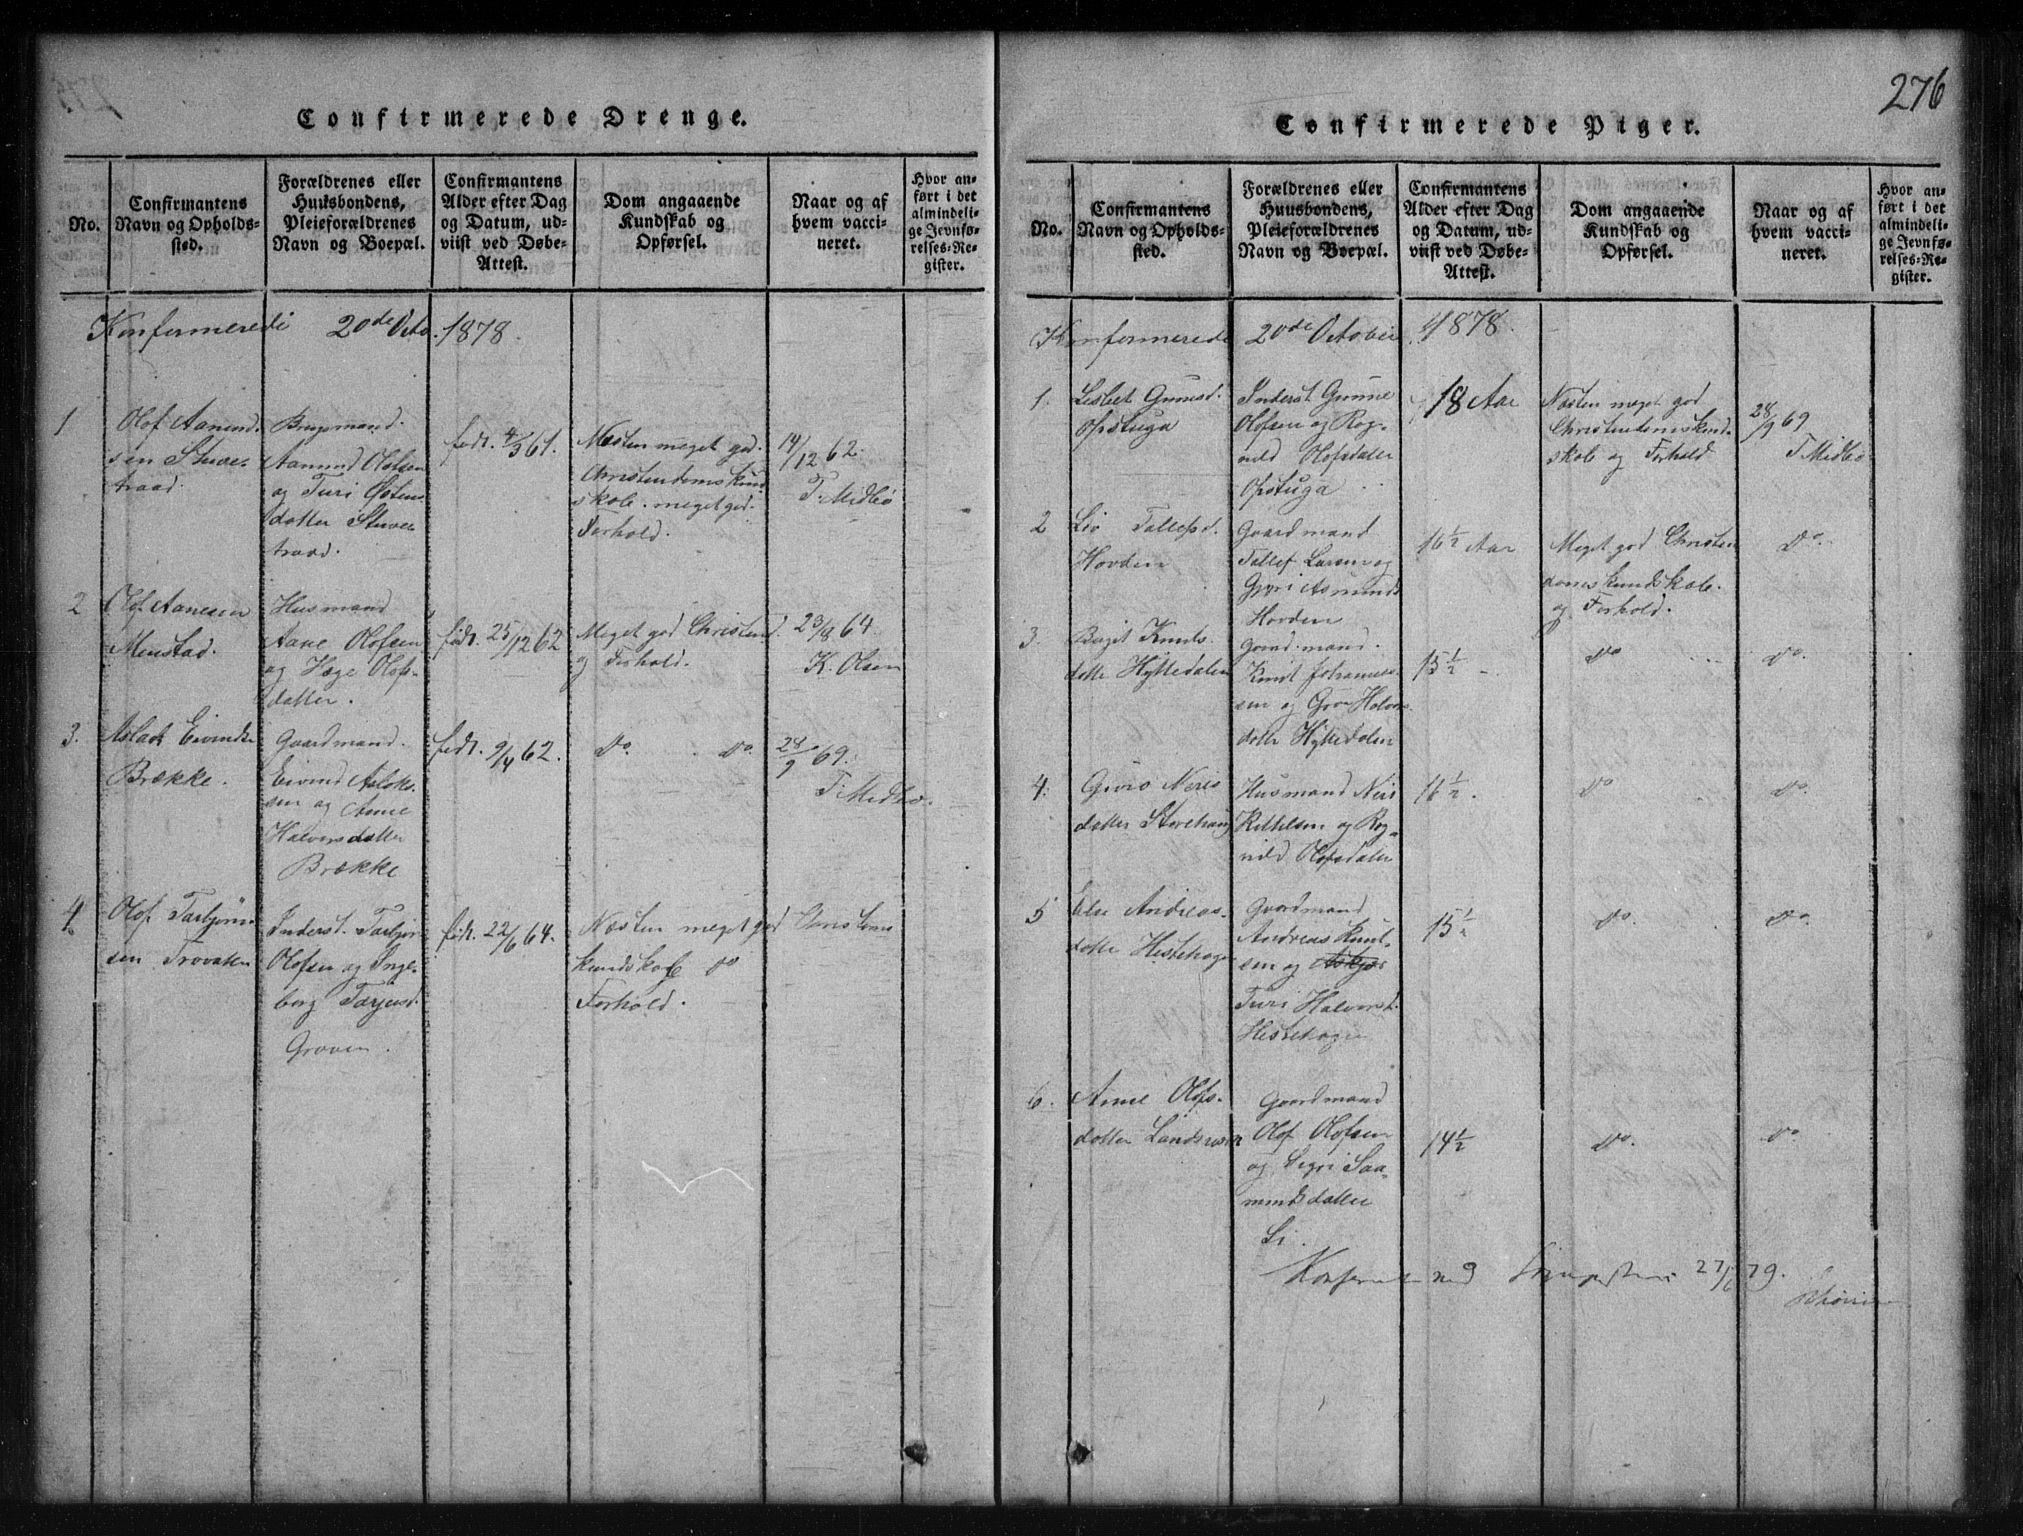 SAKO, Rauland kirkebøker, G/Gb/L0001: Klokkerbok nr. II 1, 1815-1886, s. 276